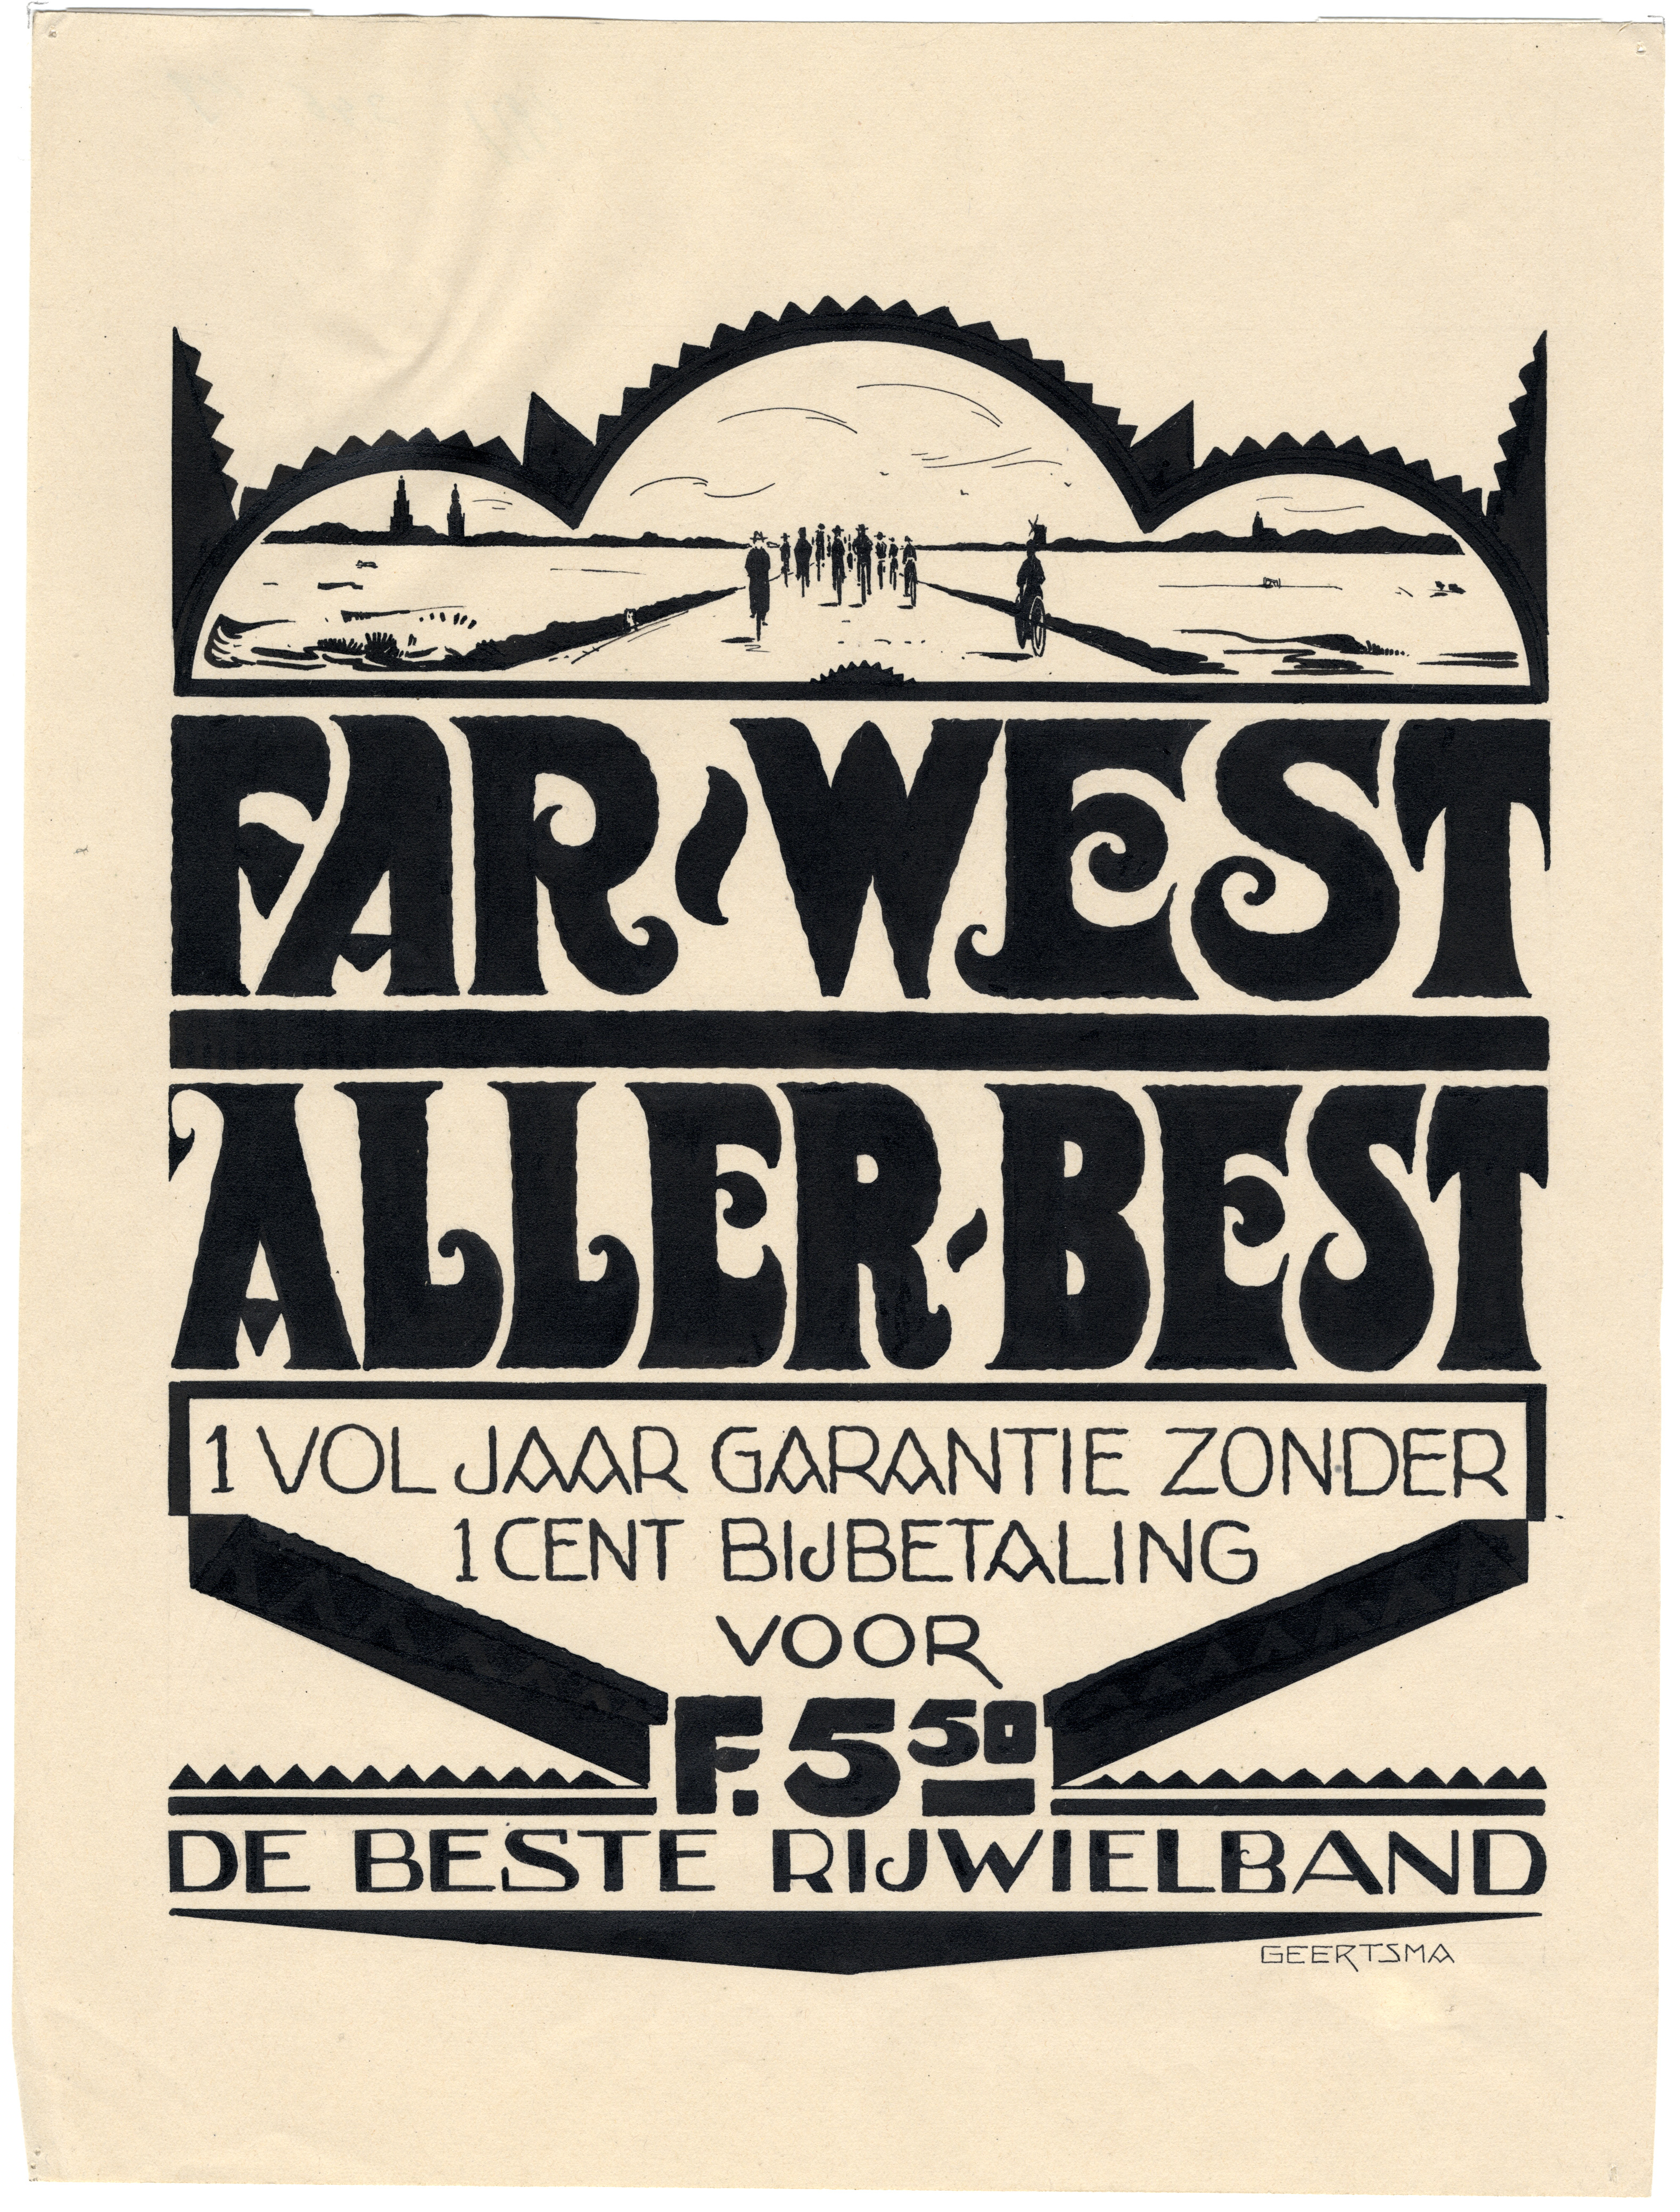 FAR-WEST ALLER-BEST